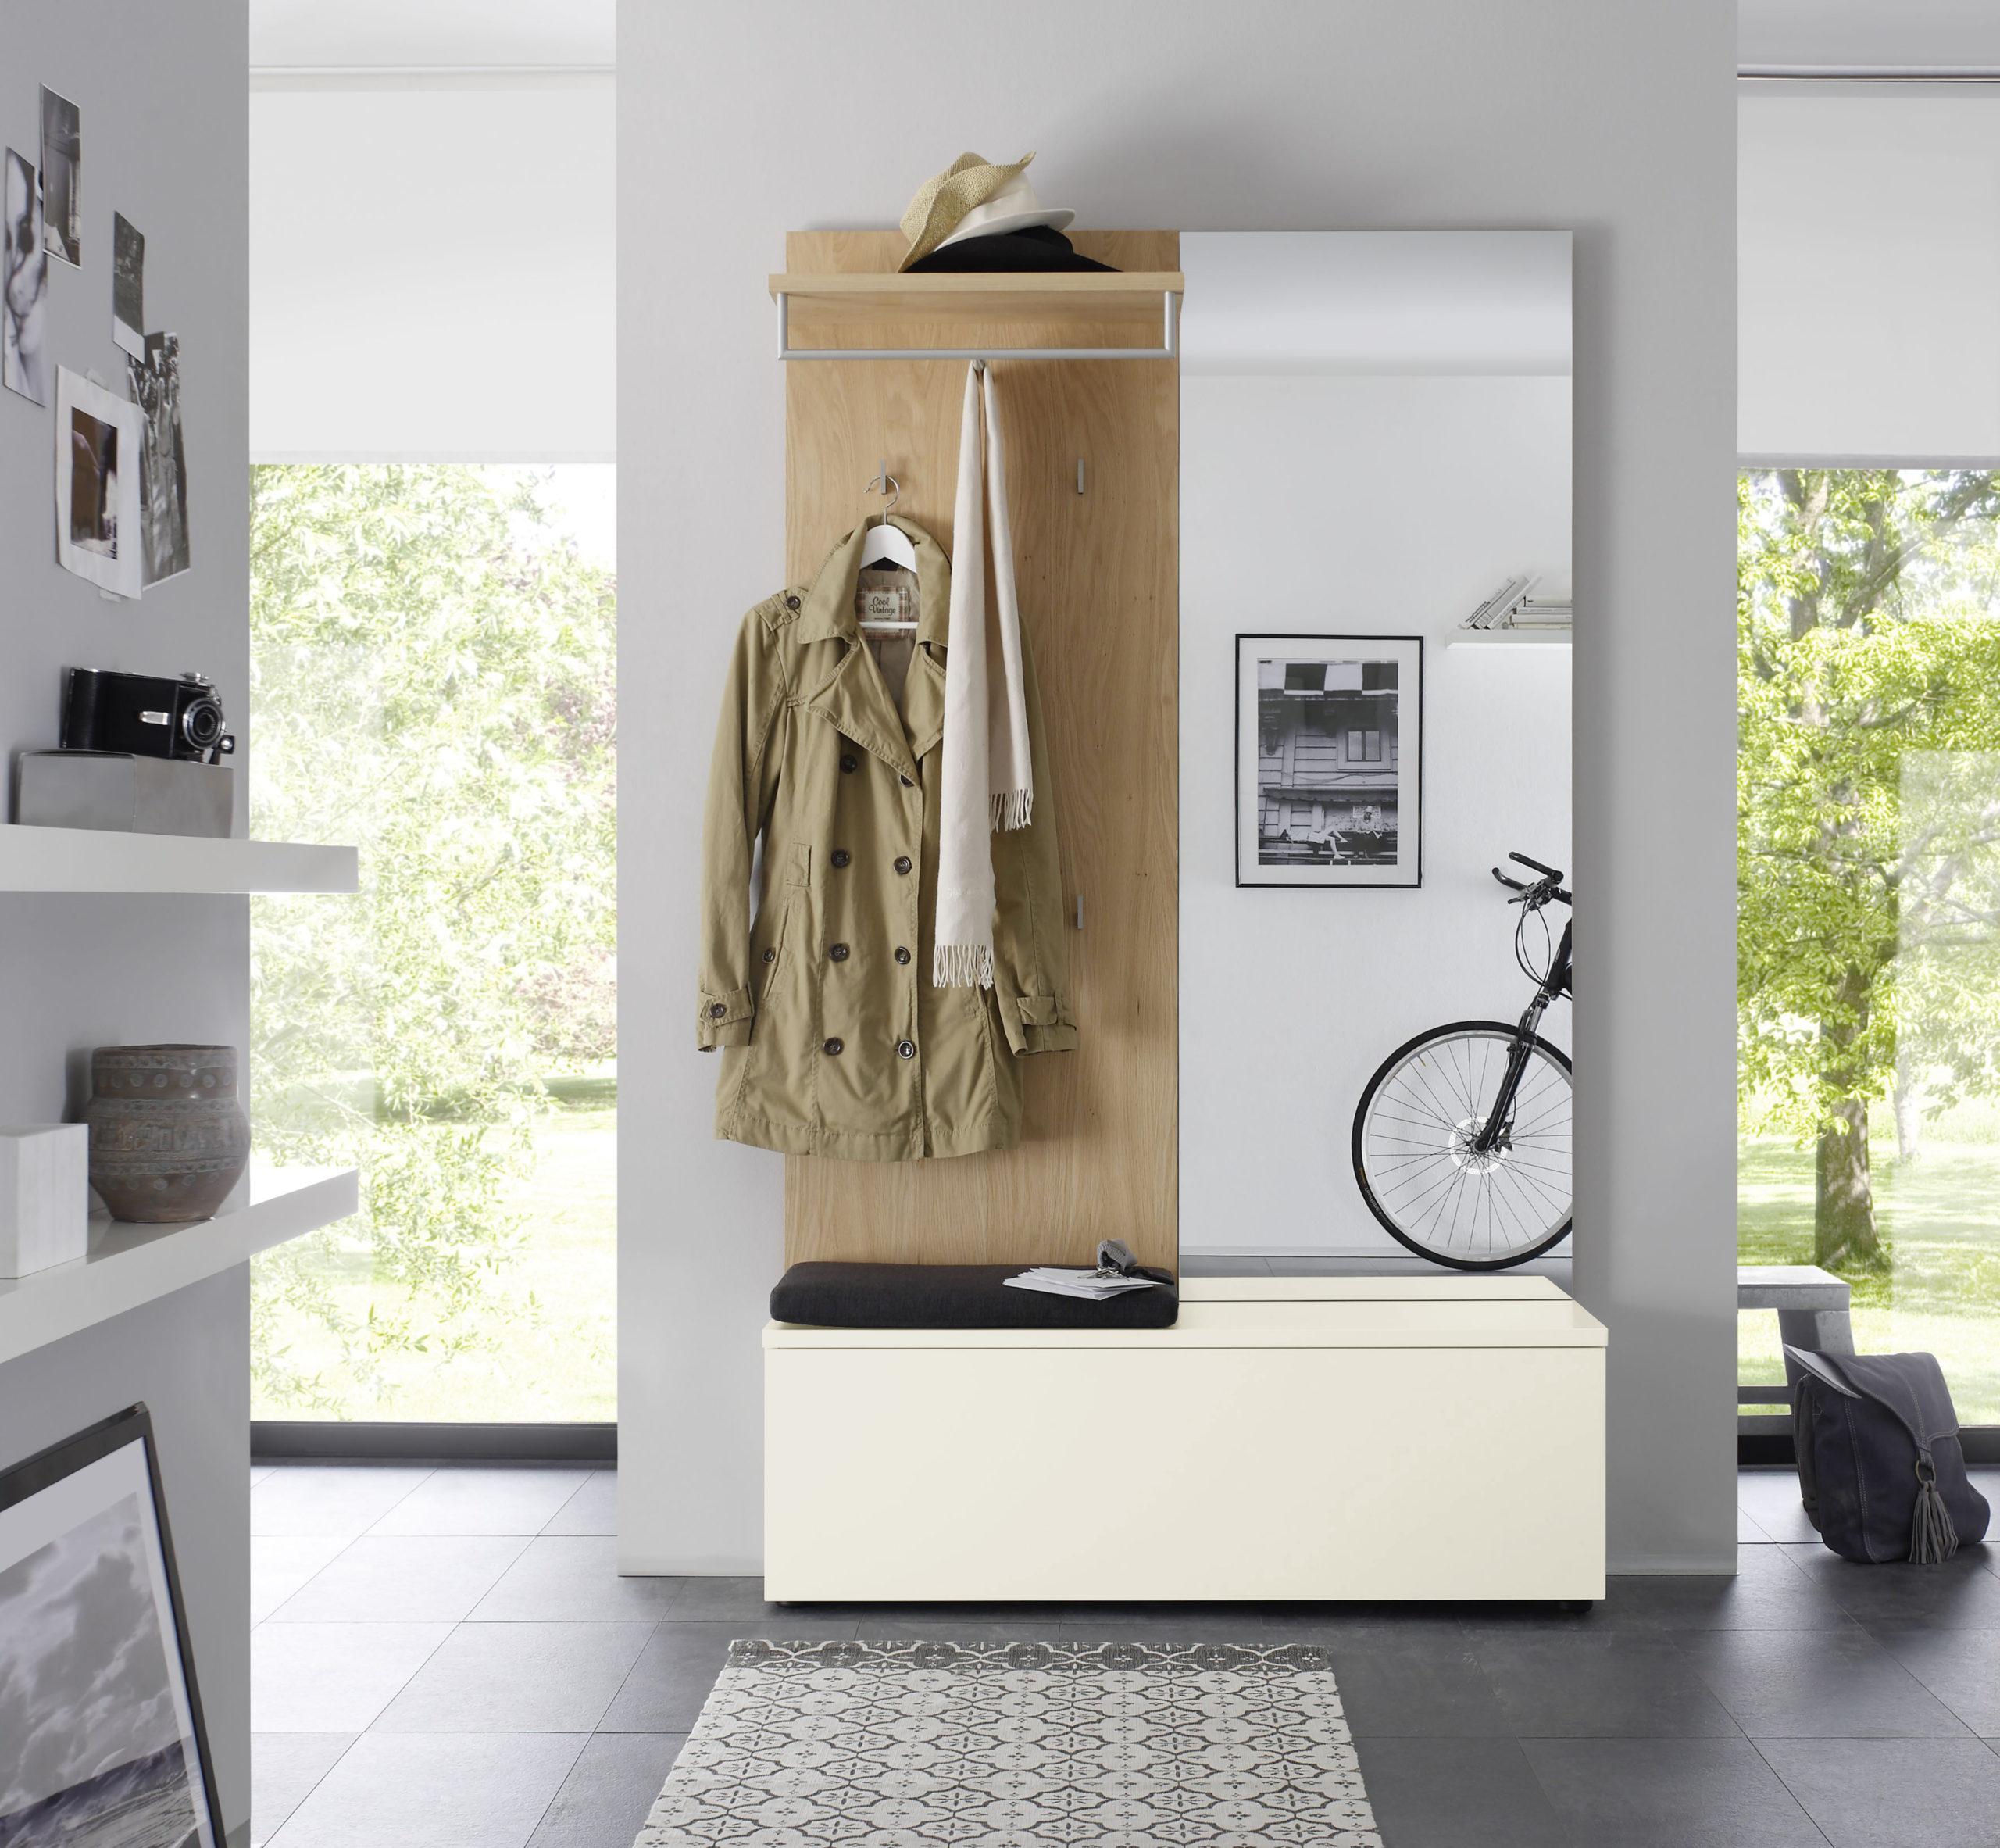 Sudbrock TANDO Garderobe in der Ausführung Ethno Eiche, Lack blütenweiß #419